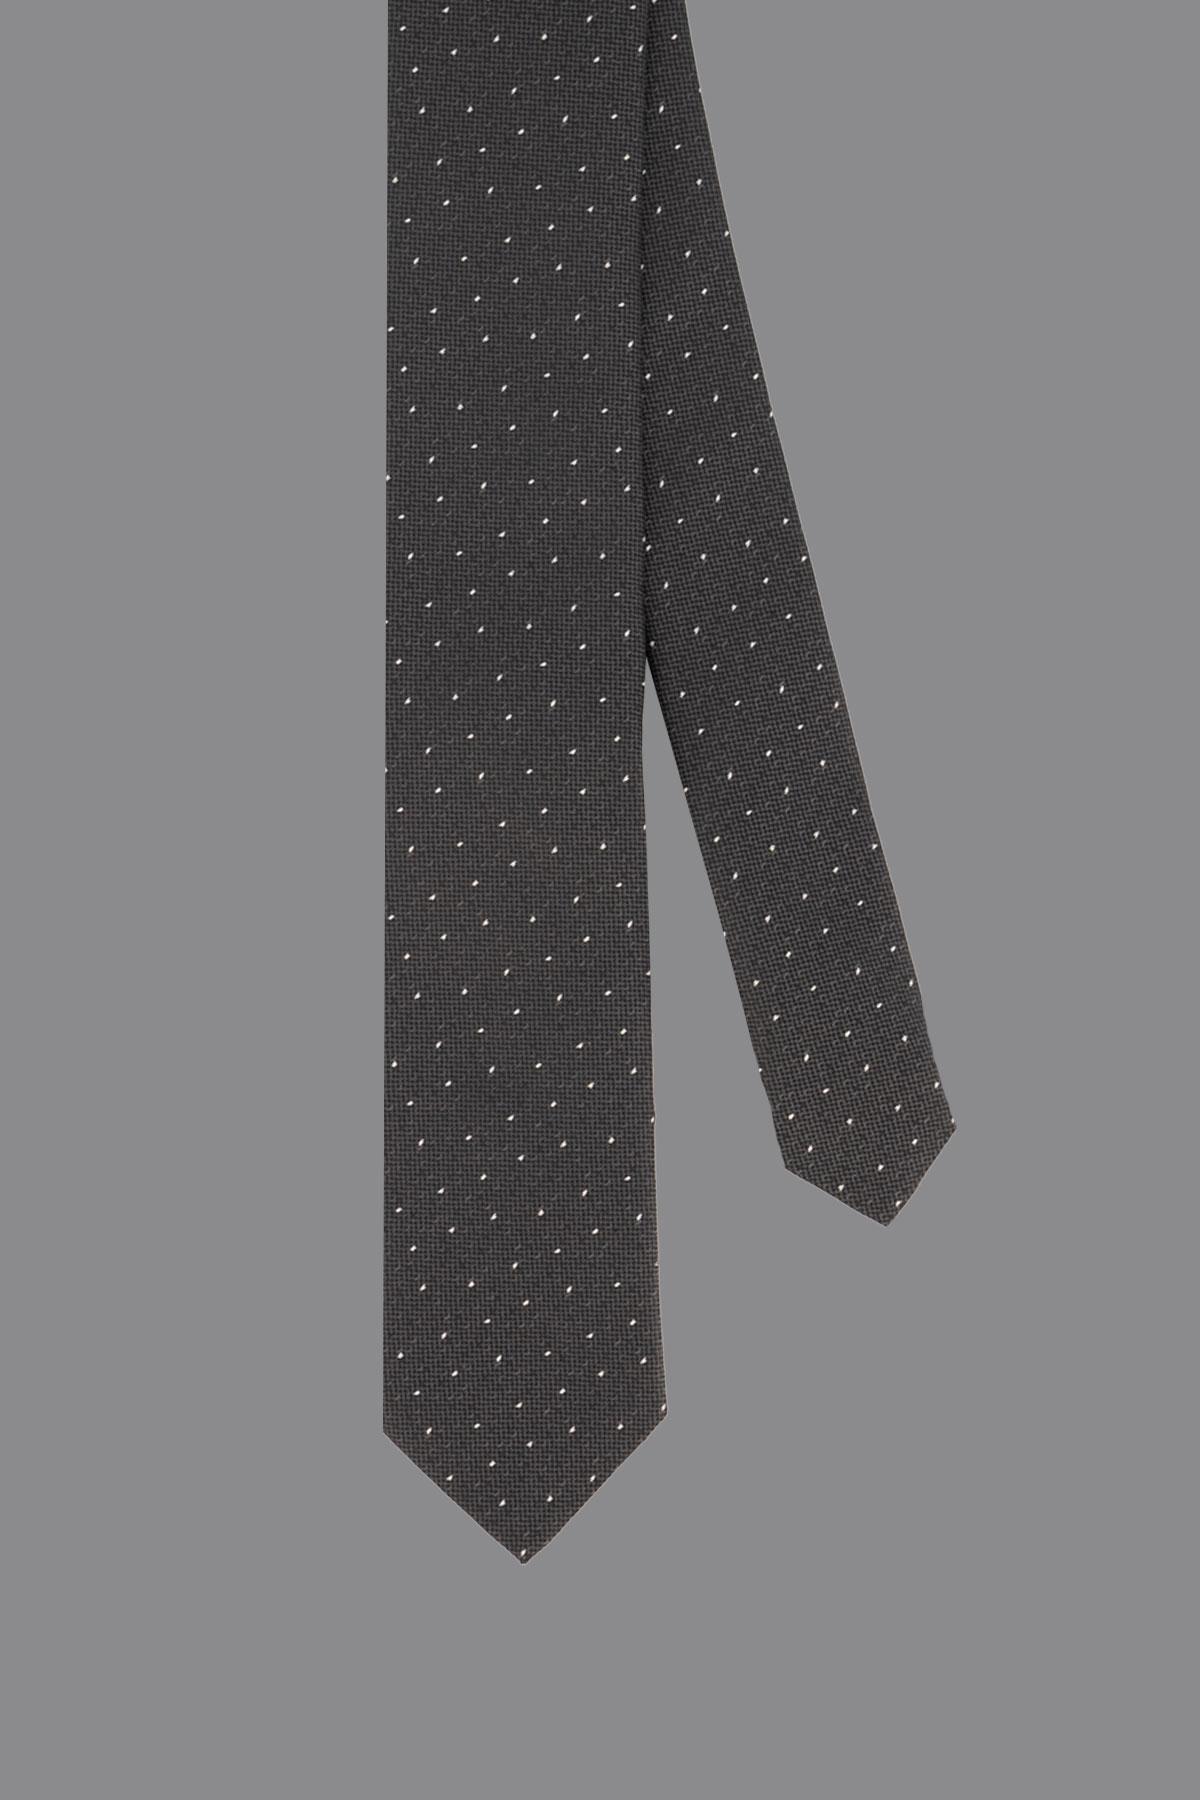 Corbata HUGO BOSS color Negro